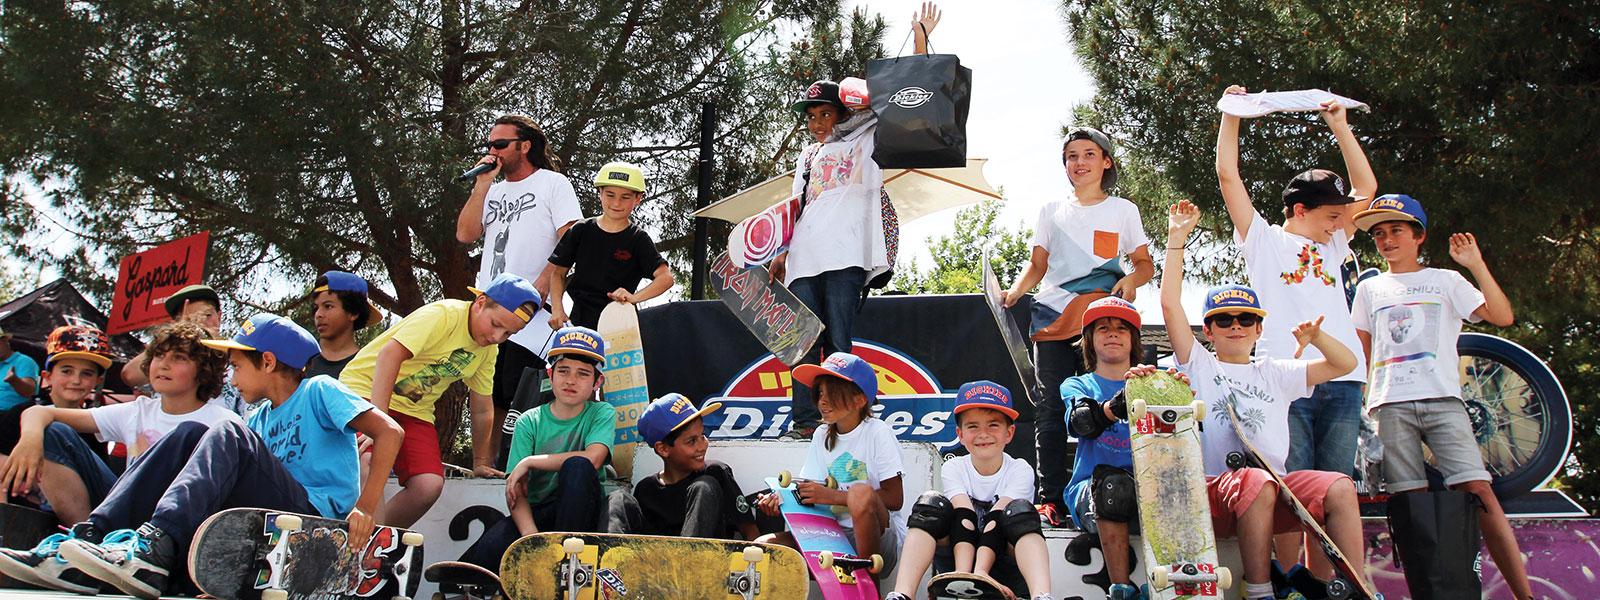 Cours de skate au skatepark de Hyères – 6-9 ans